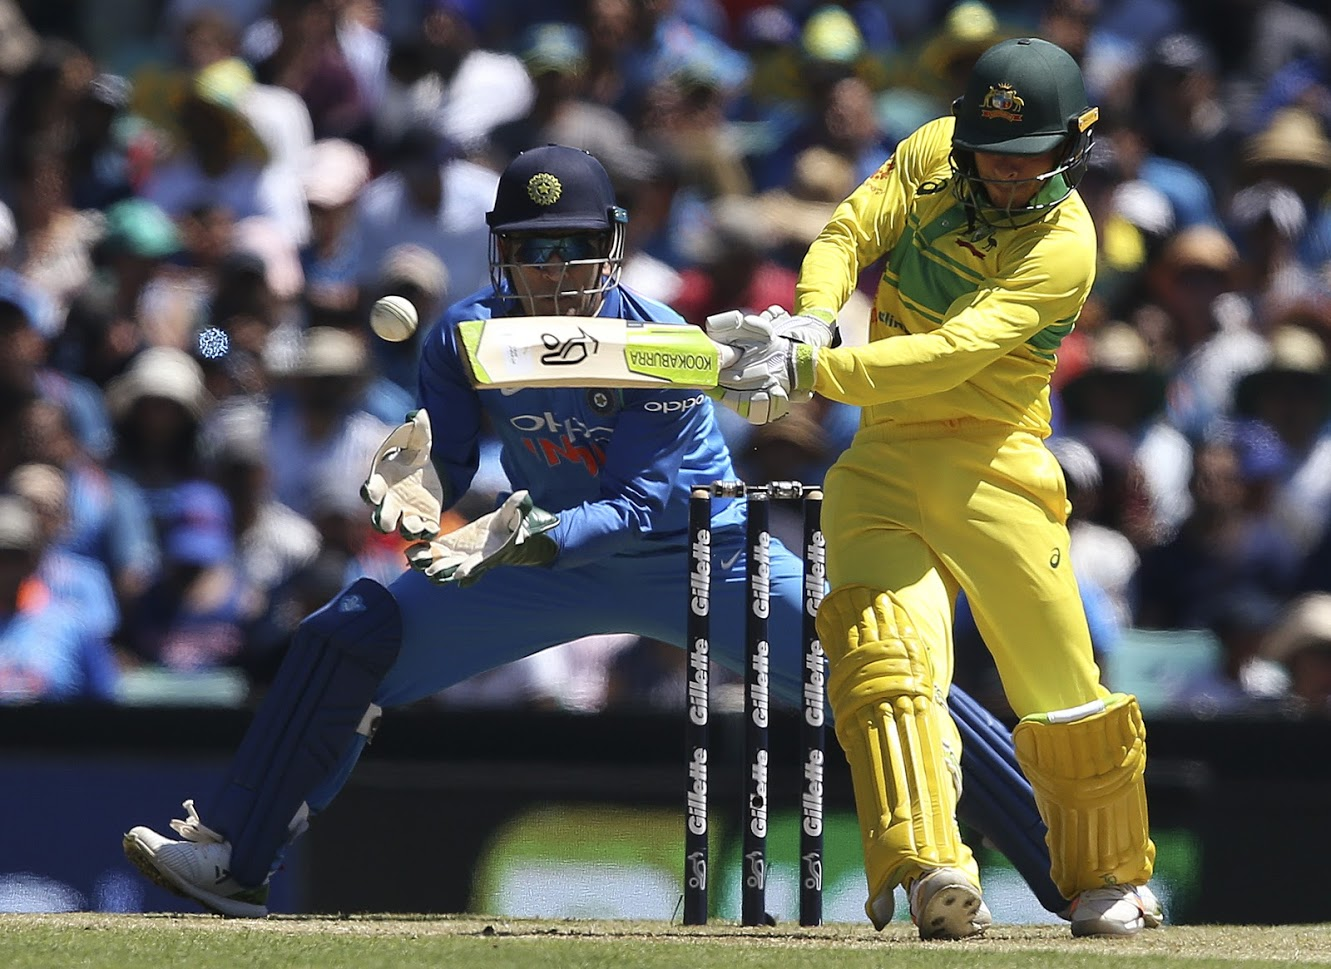 क्रिकेट ऑस्ट्रेलियाने याबद्दल अधिक माहिती देताना म्हटलं की, १९८६ मधील ऑस्ट्रेलियाच्या संघाने भारताविरुद्ध खेळताना ज्या किटचा वापर केला होता तोच किट सध्याचा ऑस्ट्रेलियाचा संघ वापरणार आहे. पीटर सिडल आठ वर्षांनंतर संघात पुनरागमन करत आहे तो या किटबद्दल फार उत्साहित आहे.